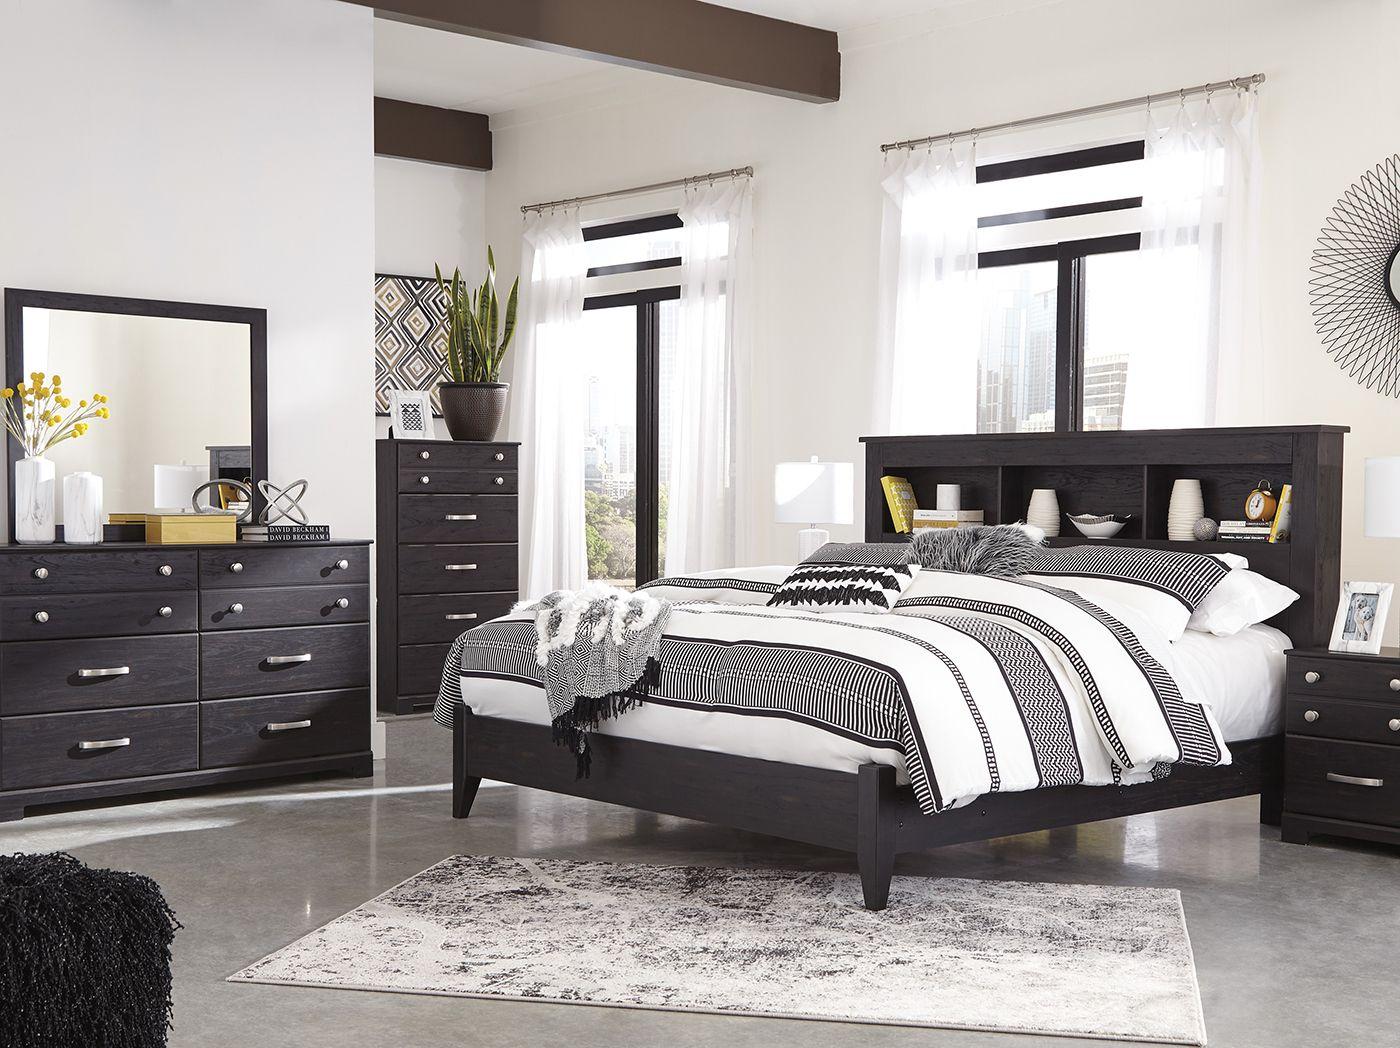 Reylow 14-pc. Queen Bedroom Set | Bedroom in 14 | Furniture ...